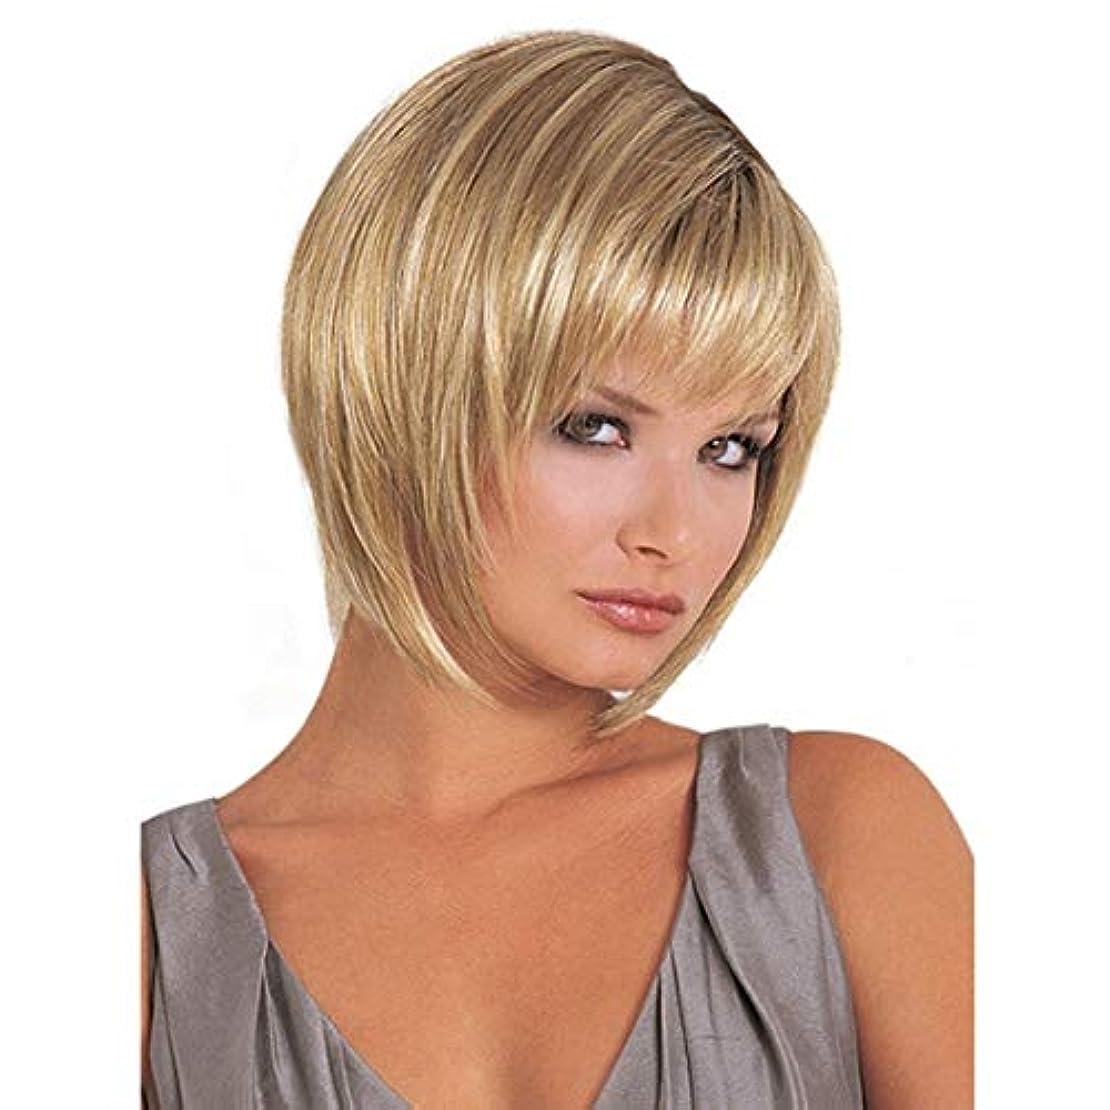 ハイランド期限についてKoloeplf ふわふわのマイクロボリューム現実的なかつら女性のための短いカーリーナチュラルカラーゴールドかつら白髪用かつら20cm / 25cm